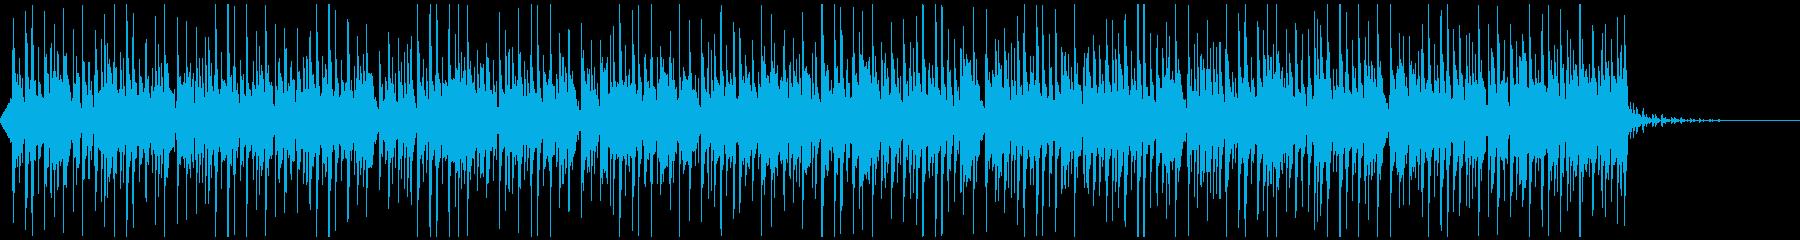 ダンディーな口笛ダンス ハウス調CM動画の再生済みの波形